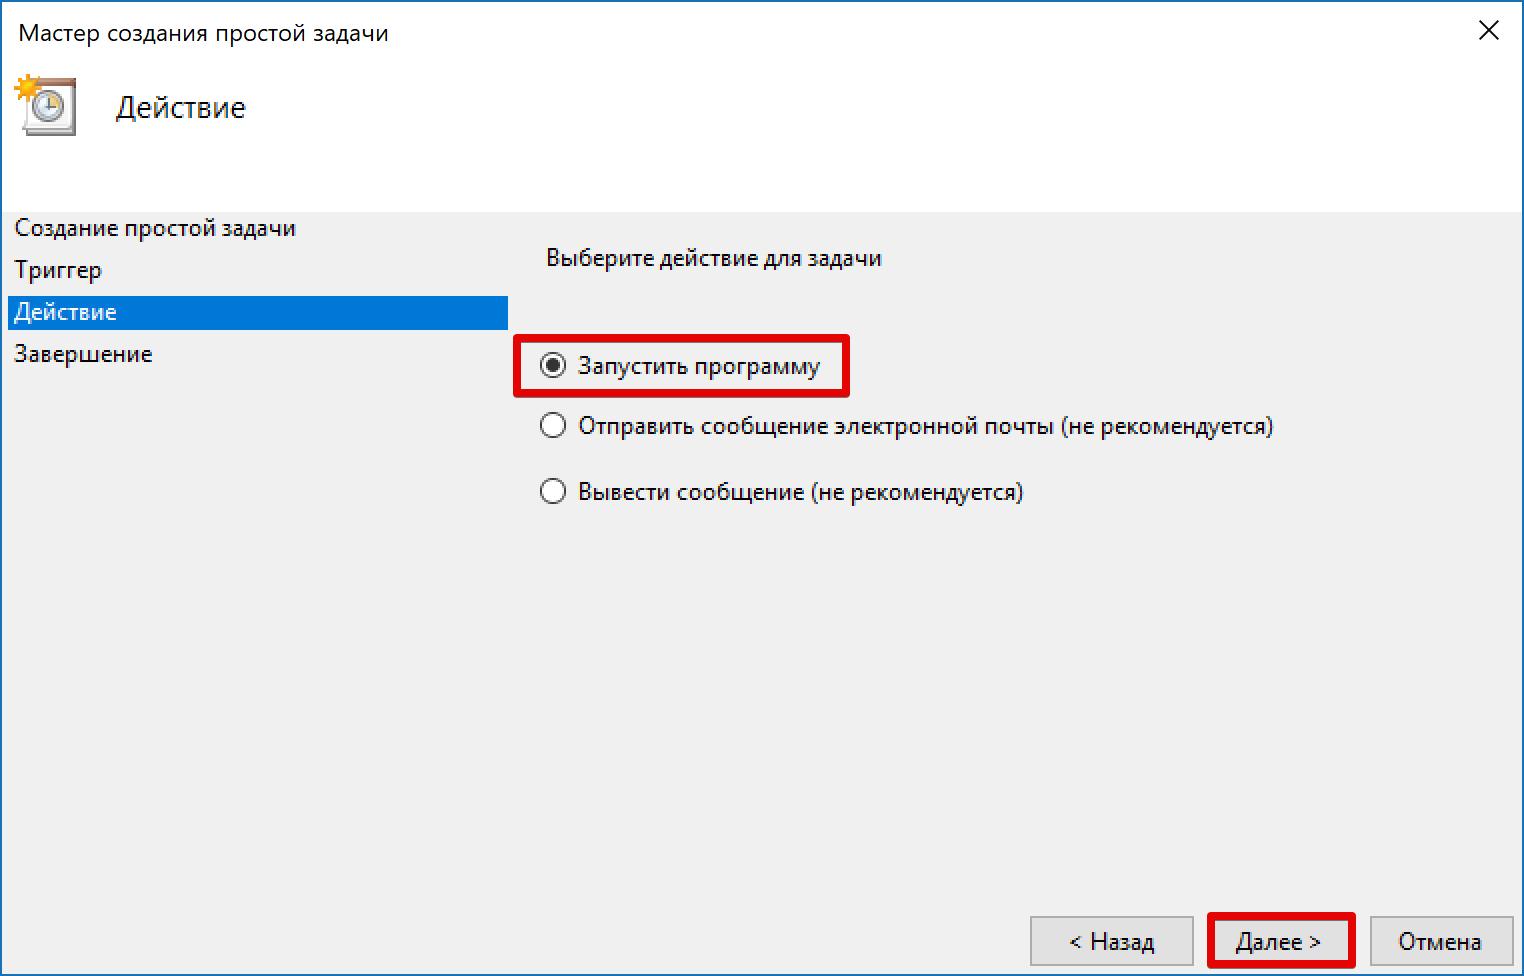 nastrojka-avtozapuska-programm-v-windows-image19.png